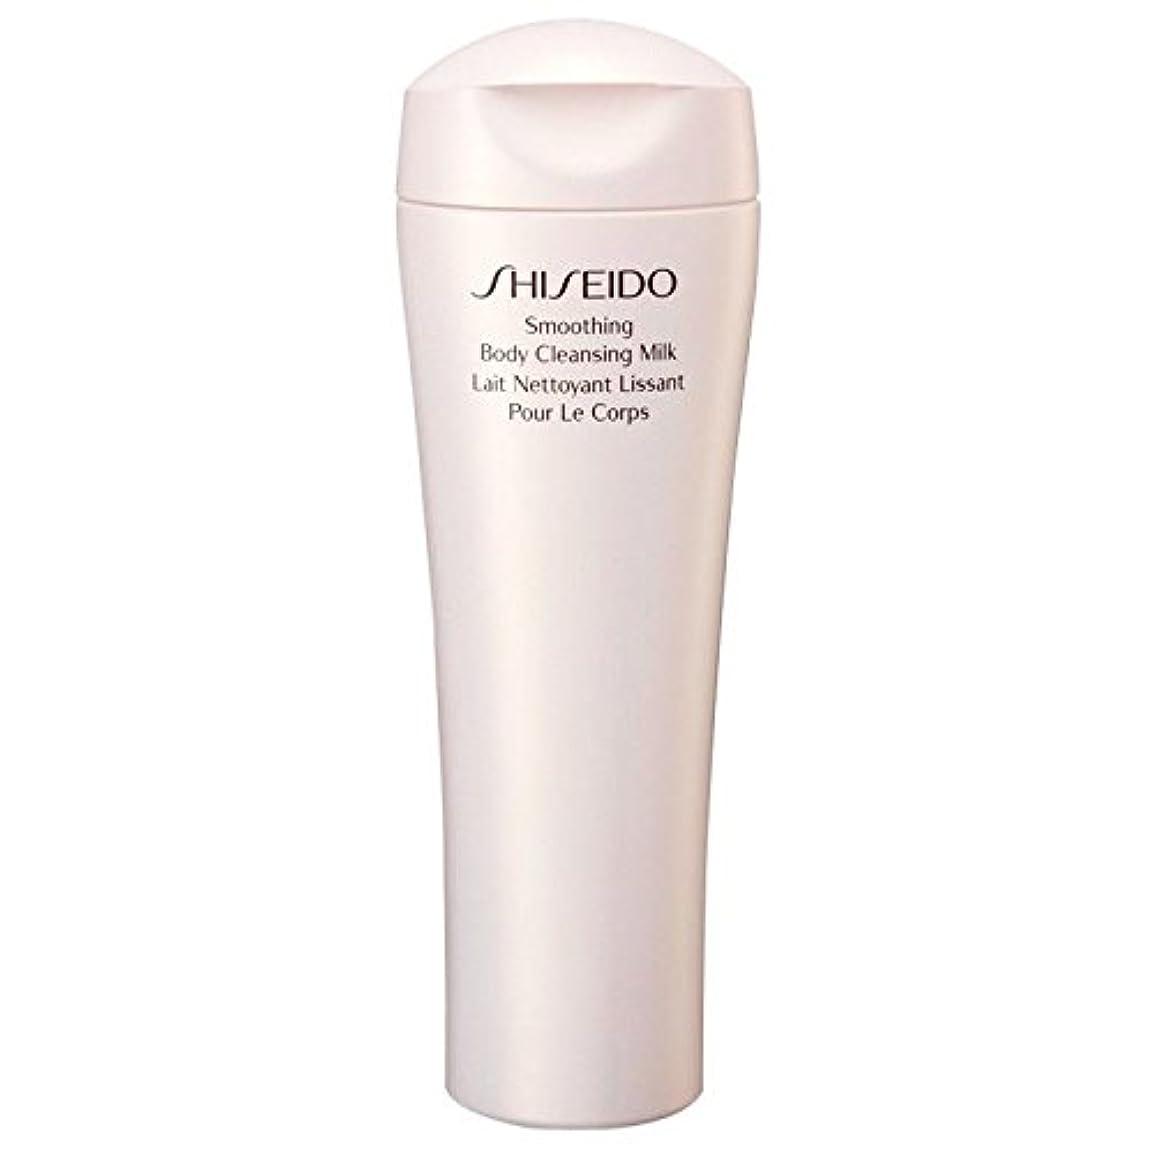 尽きるに話す休戦[Shiseido] 資生堂スムージングボディクレンジングミルク200ミリリットル - Shiseido Smoothing Body Cleansing Milk 200ml [並行輸入品]